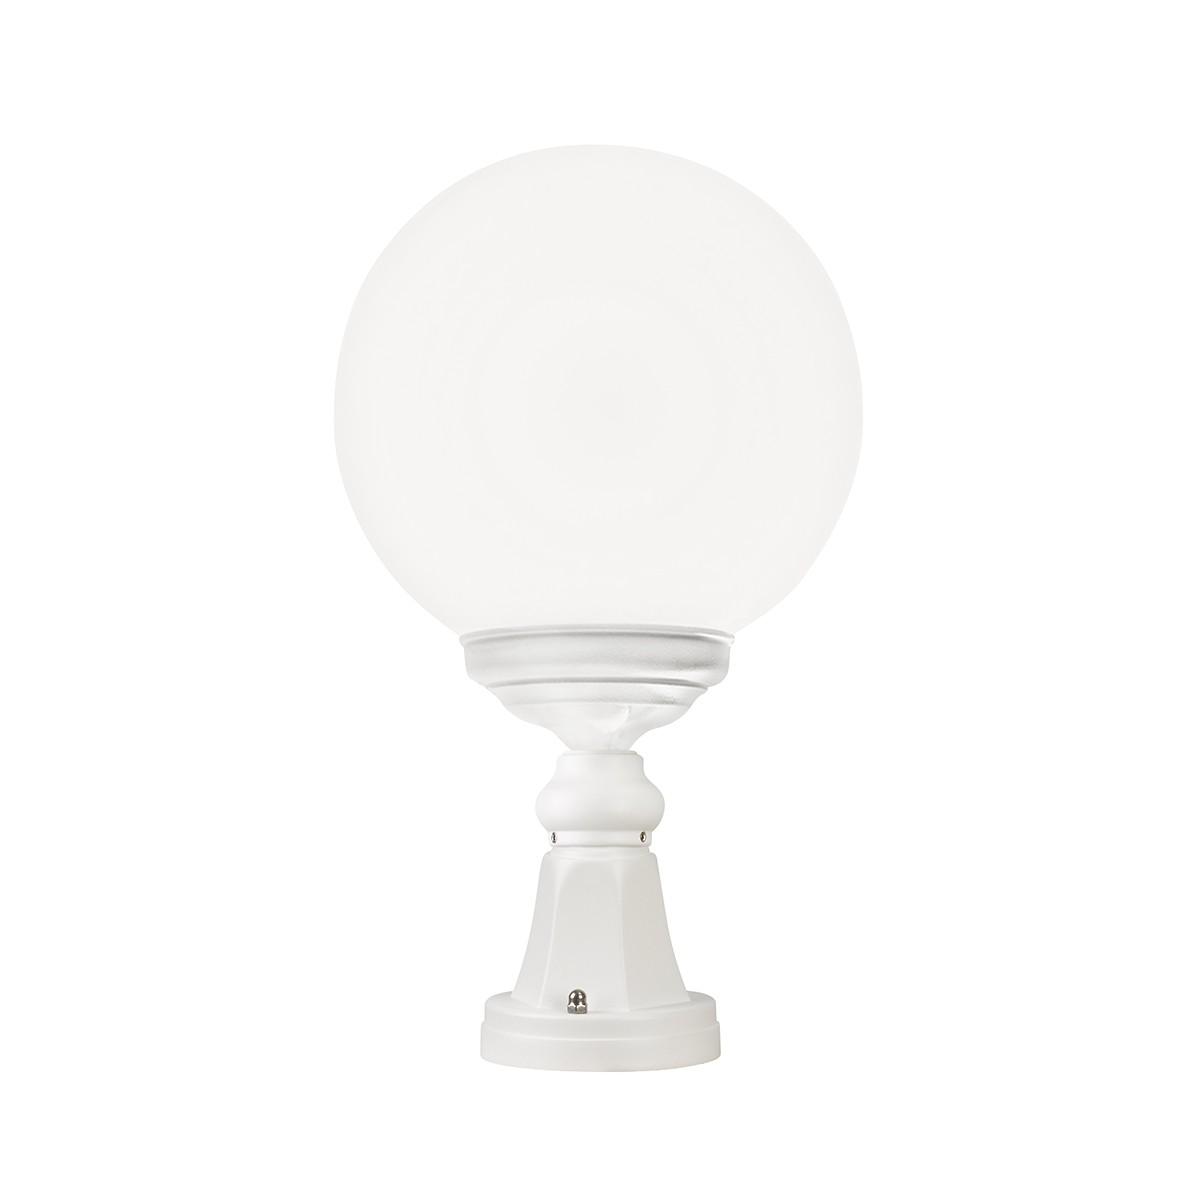 LCD Außenleuchten 1131/1141 Sockelleuchte, weiß